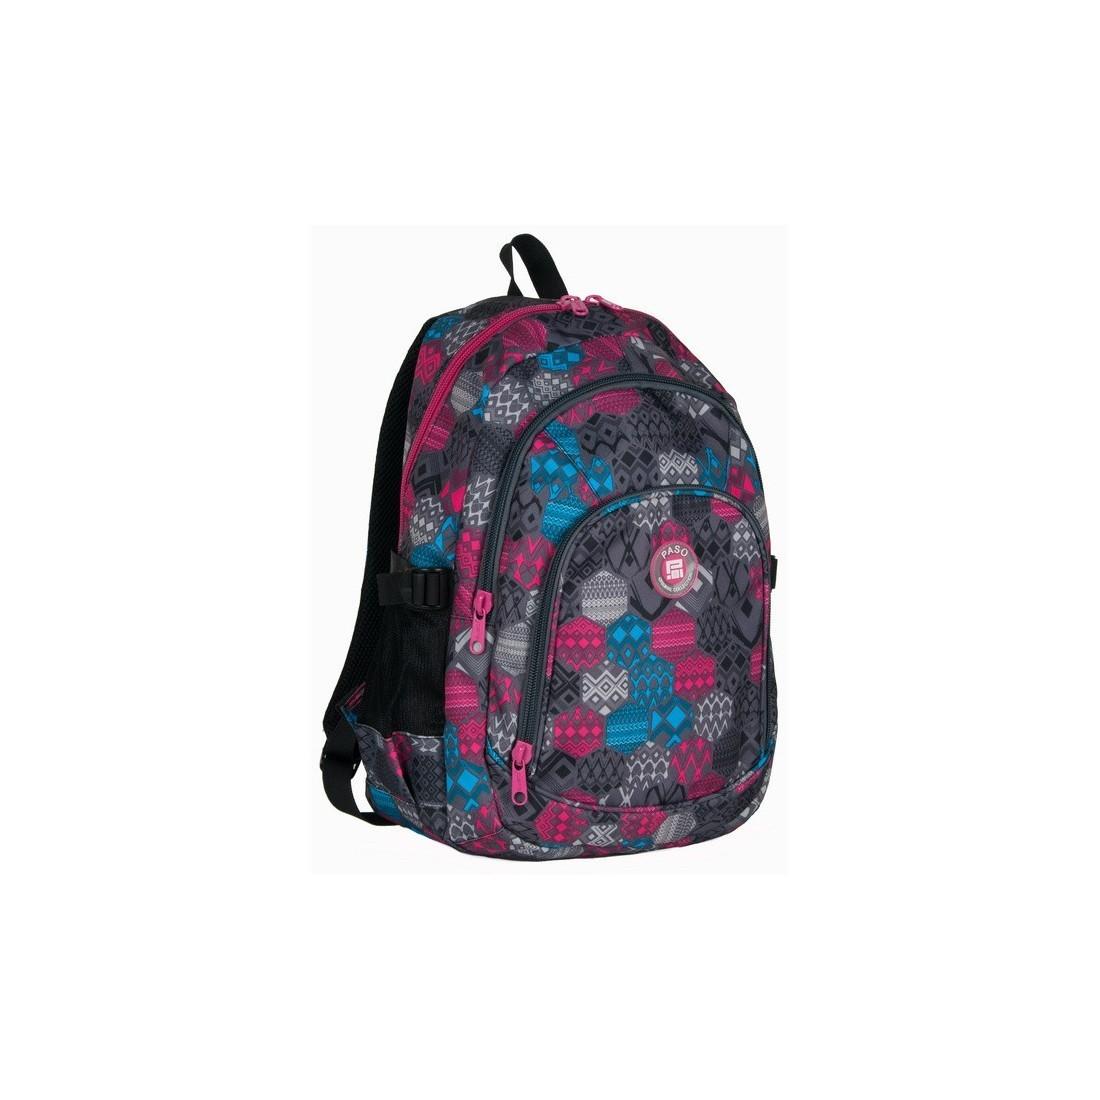 Plecak młodzieżowy w kolorowe figury